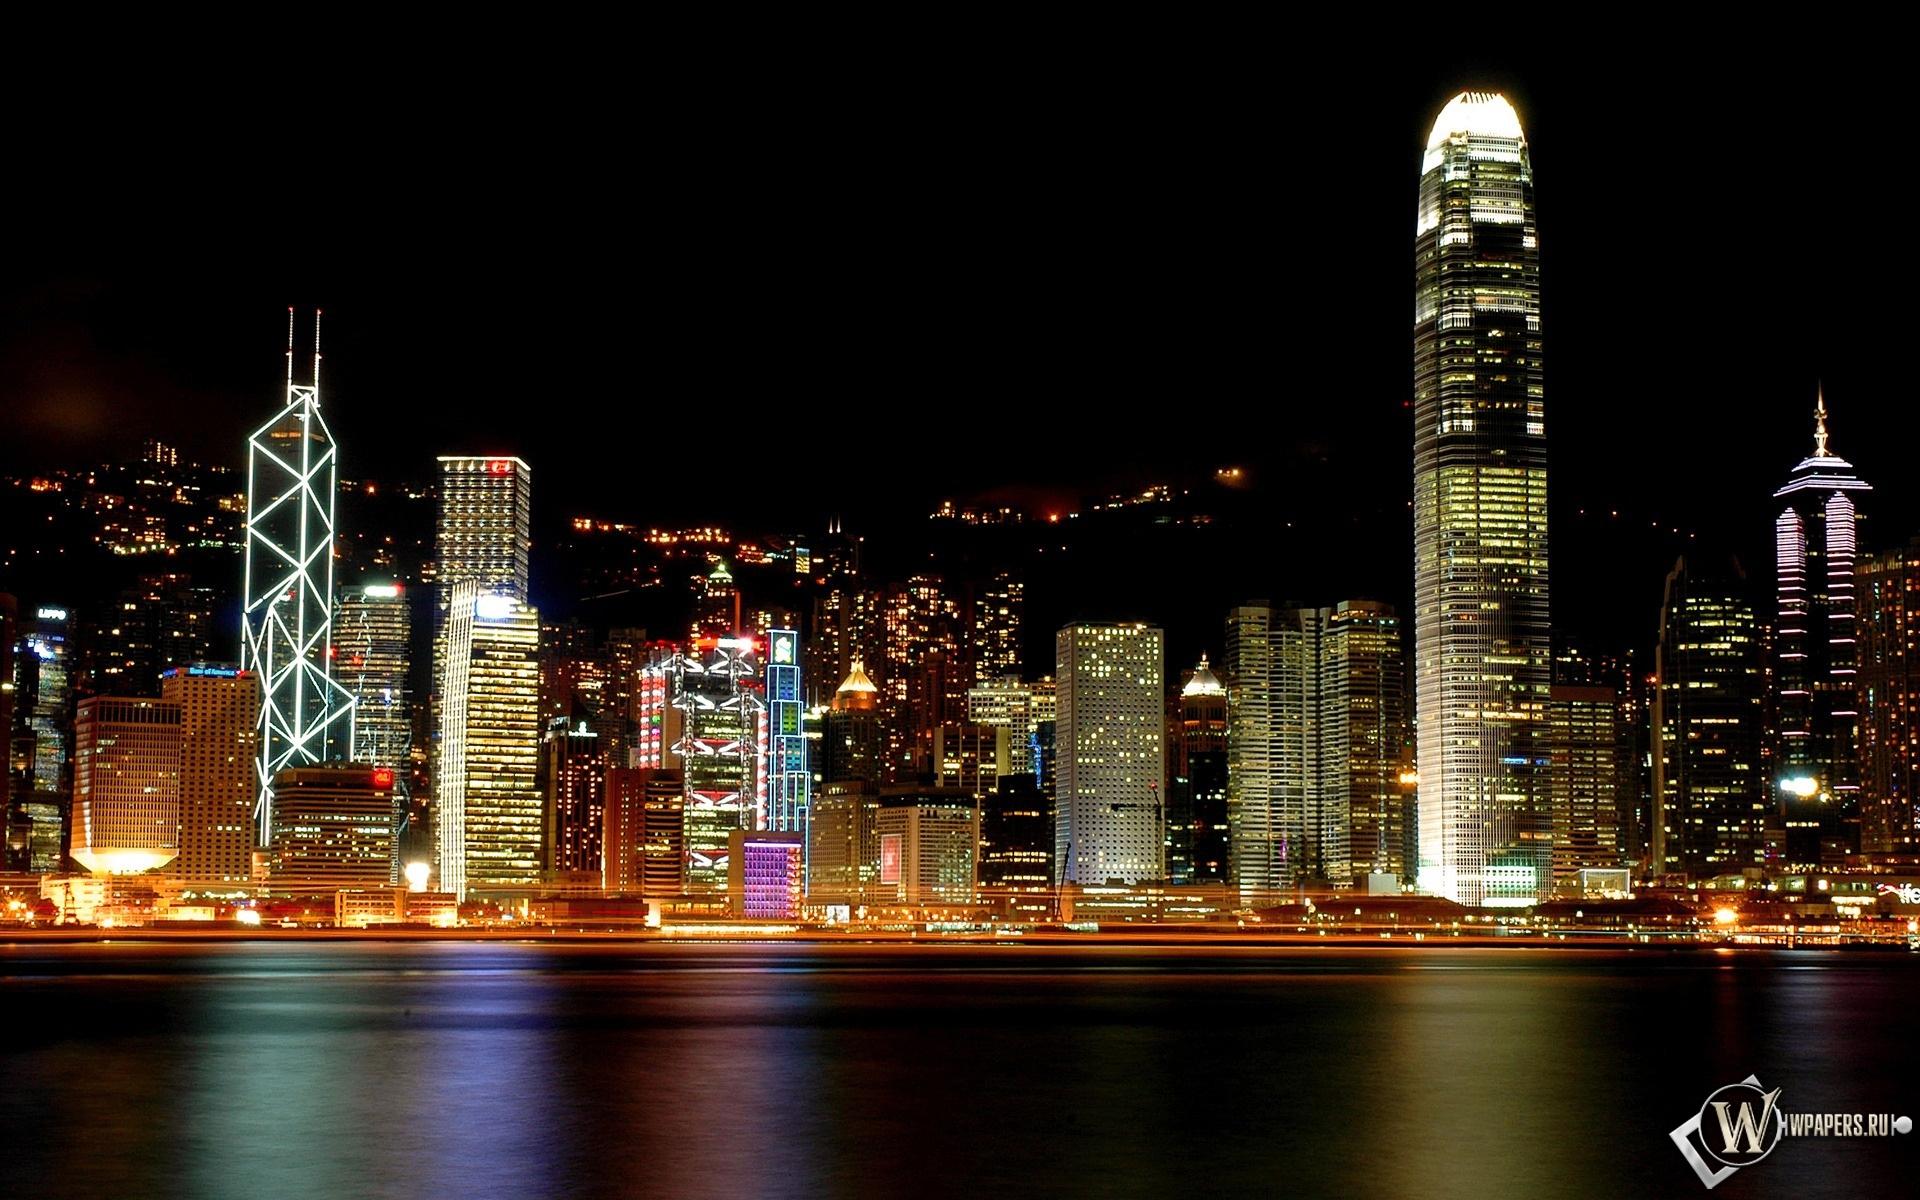 Hong Kong ночью 1920x1200